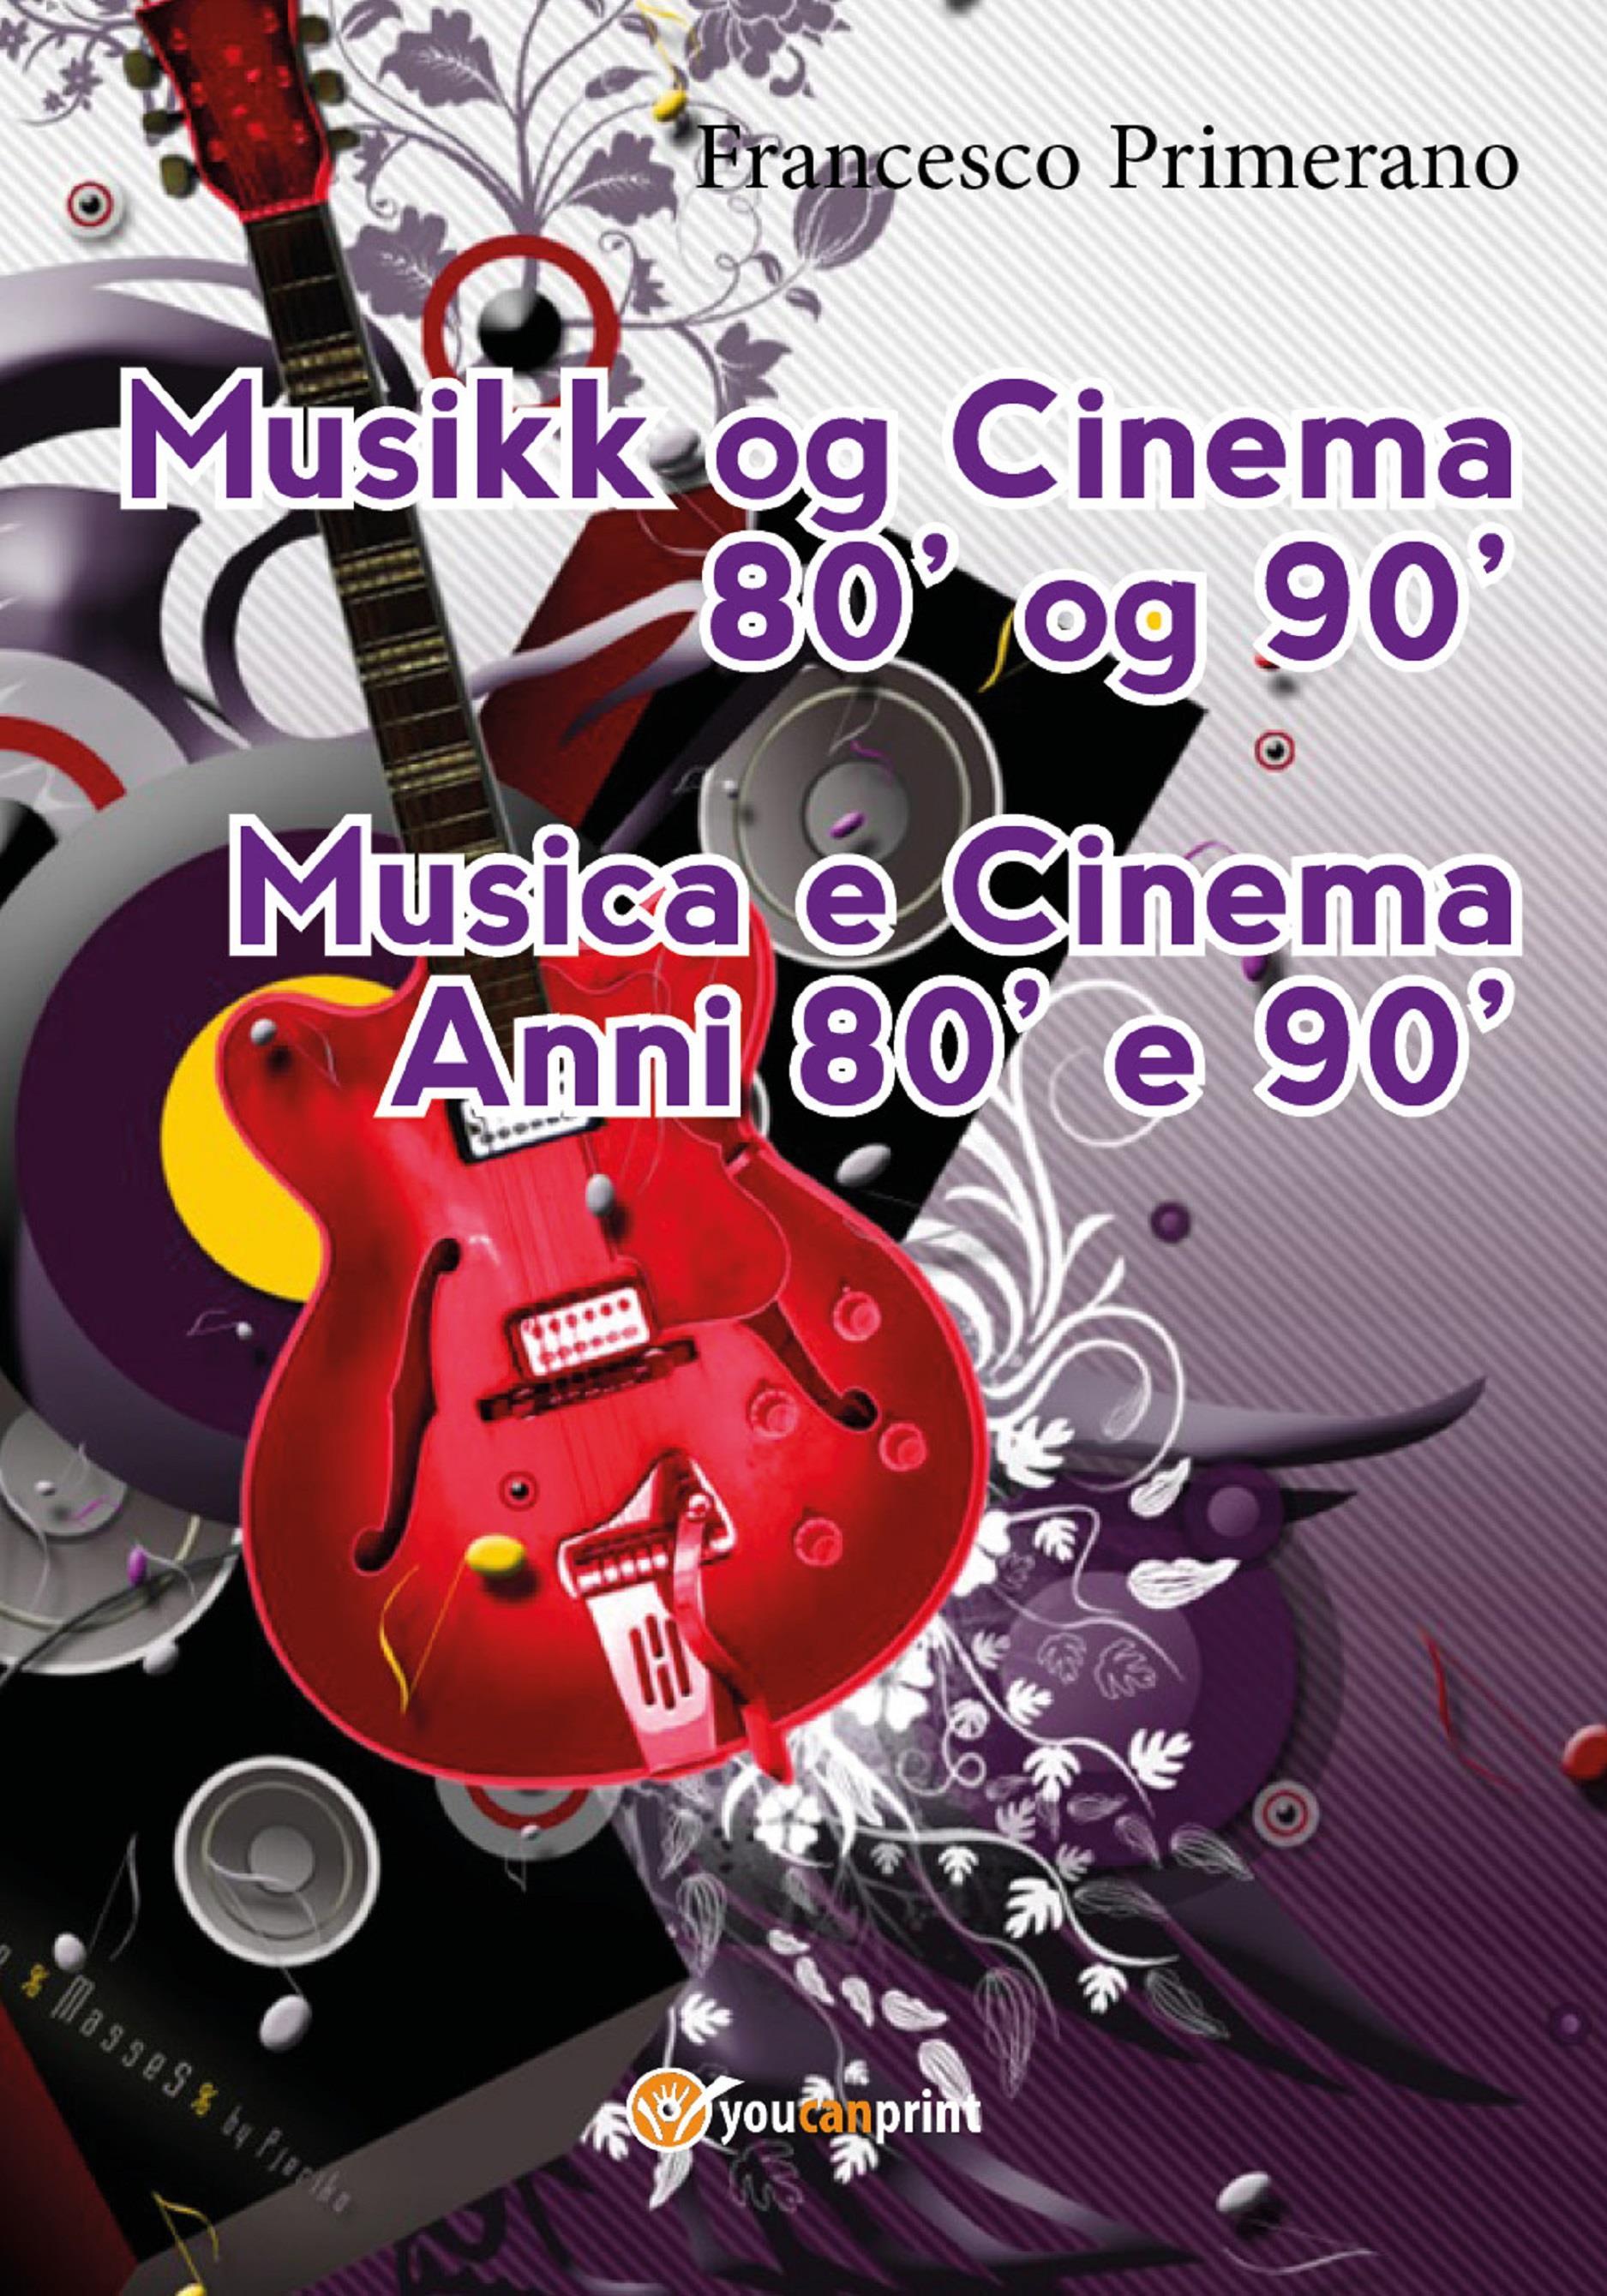 Musikk og Cinema 80' og 90'